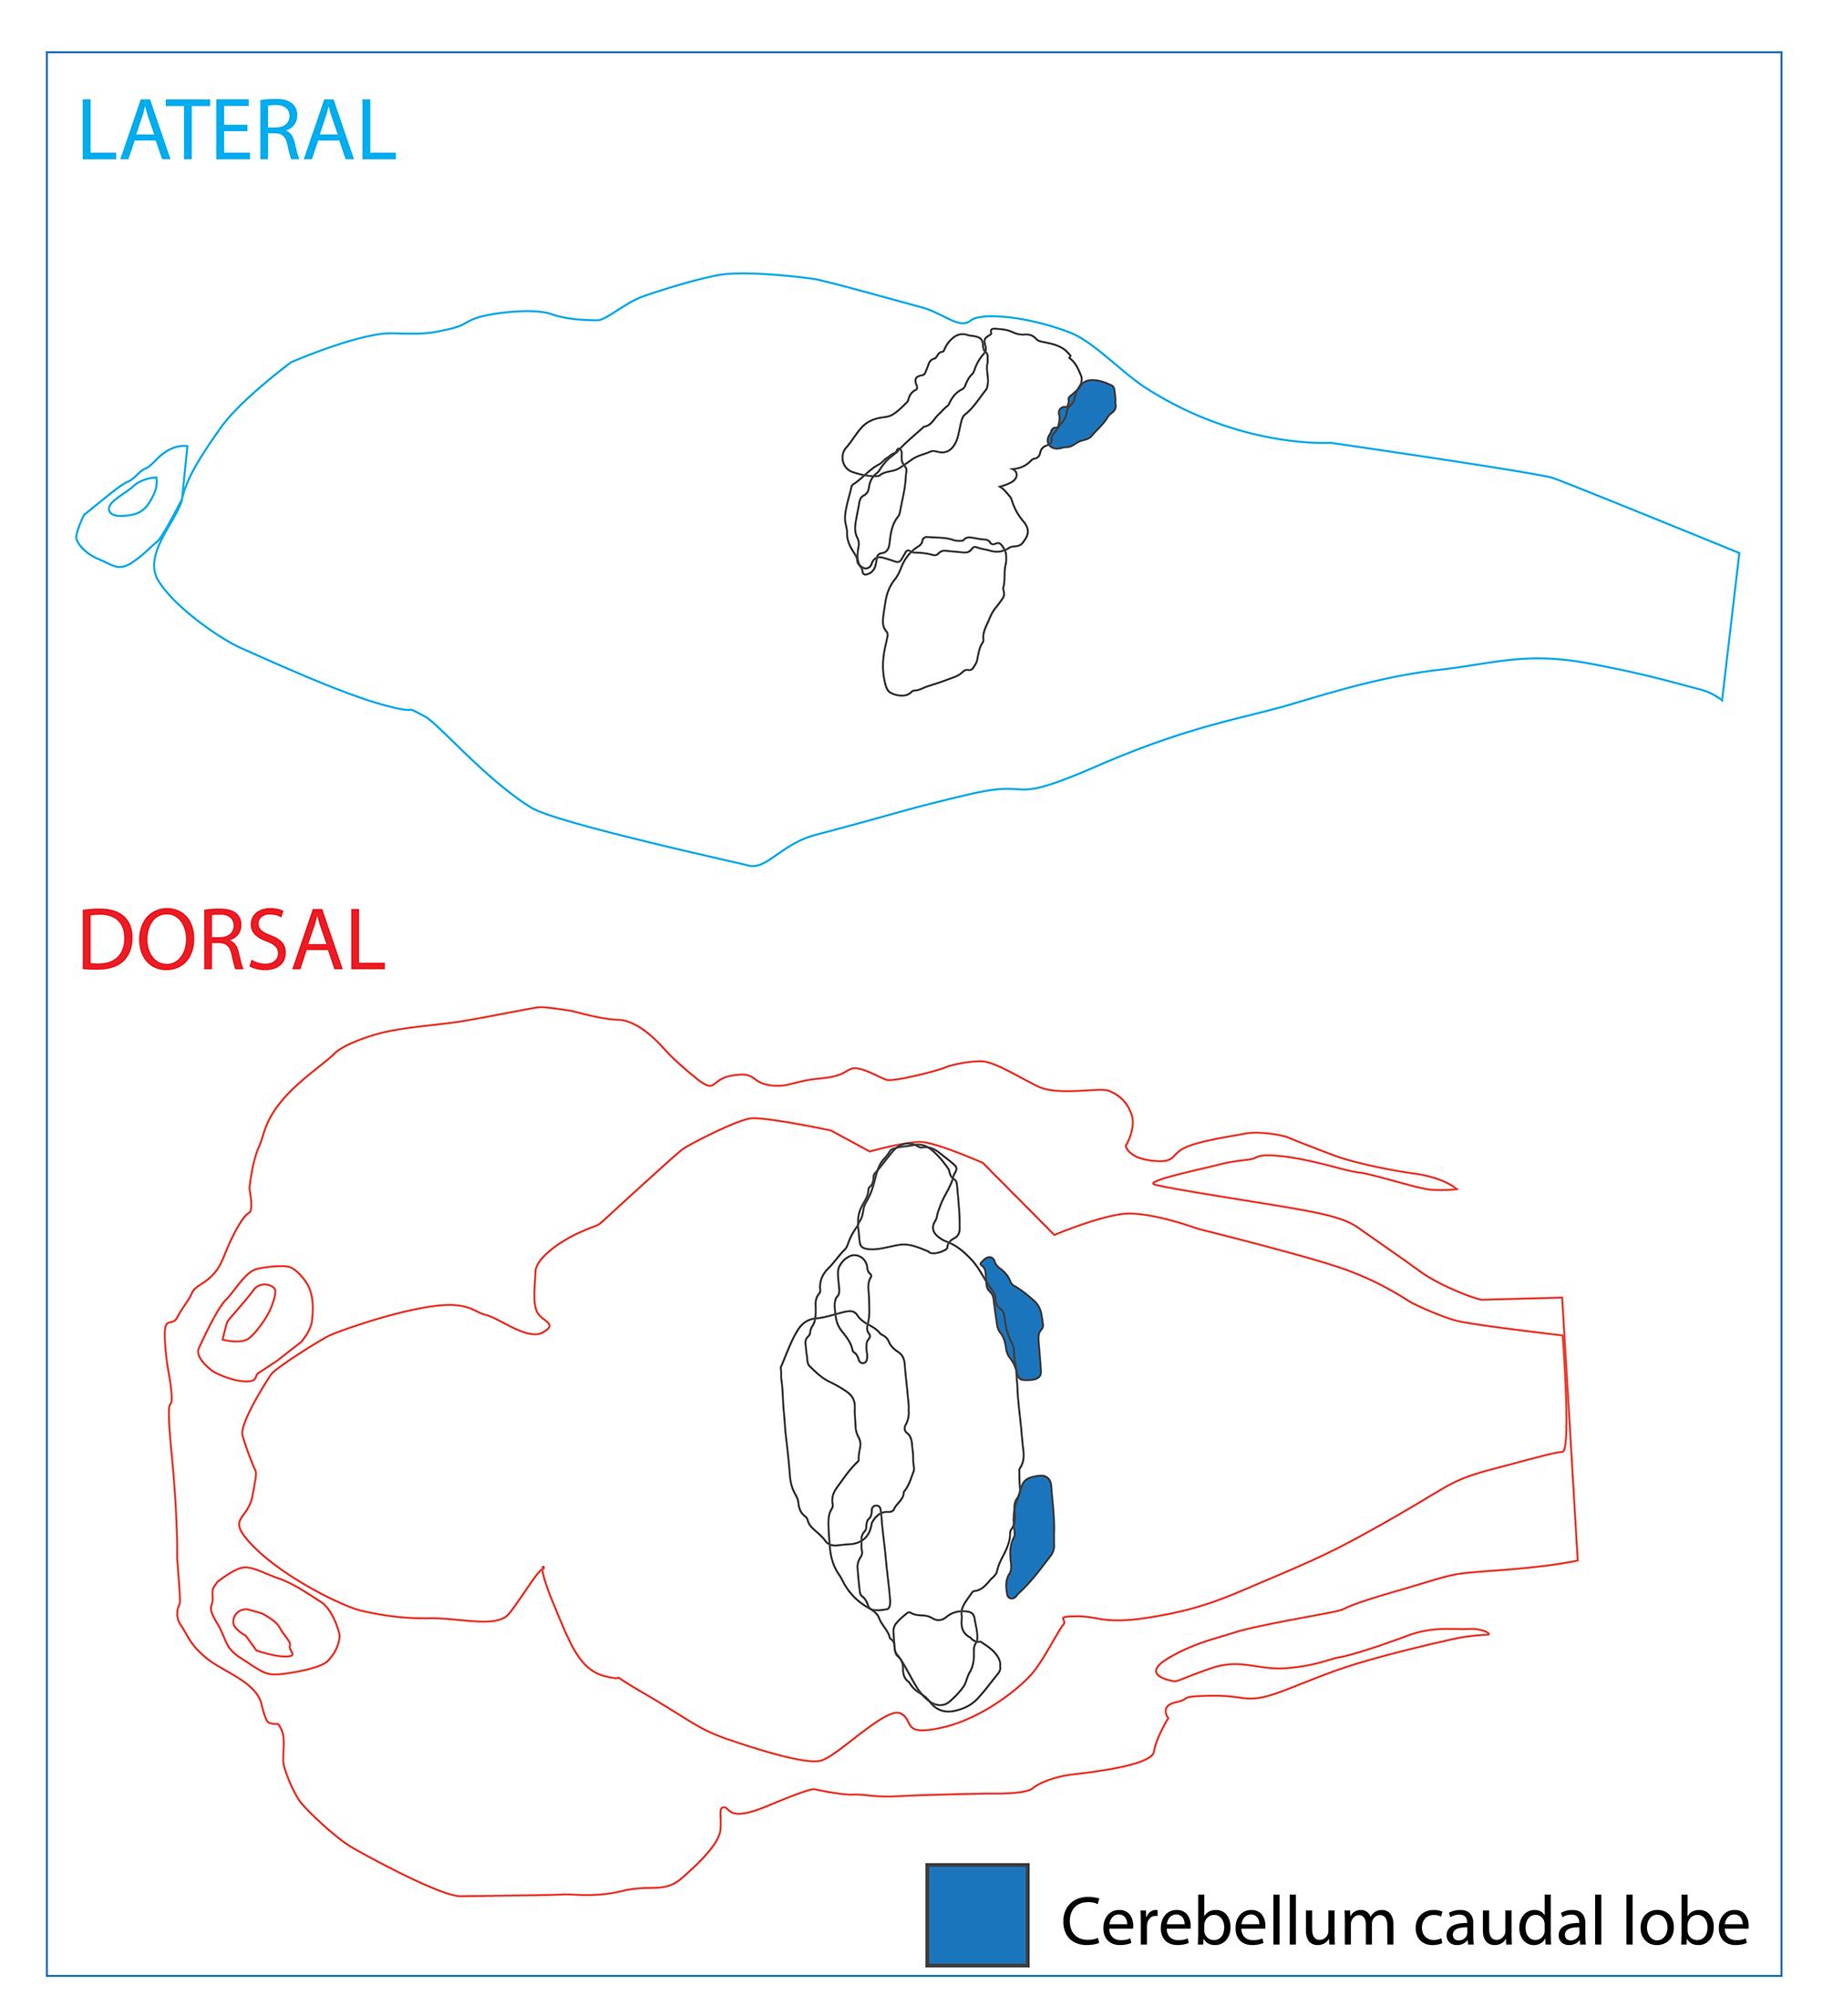 Cerebellum caudal lobe